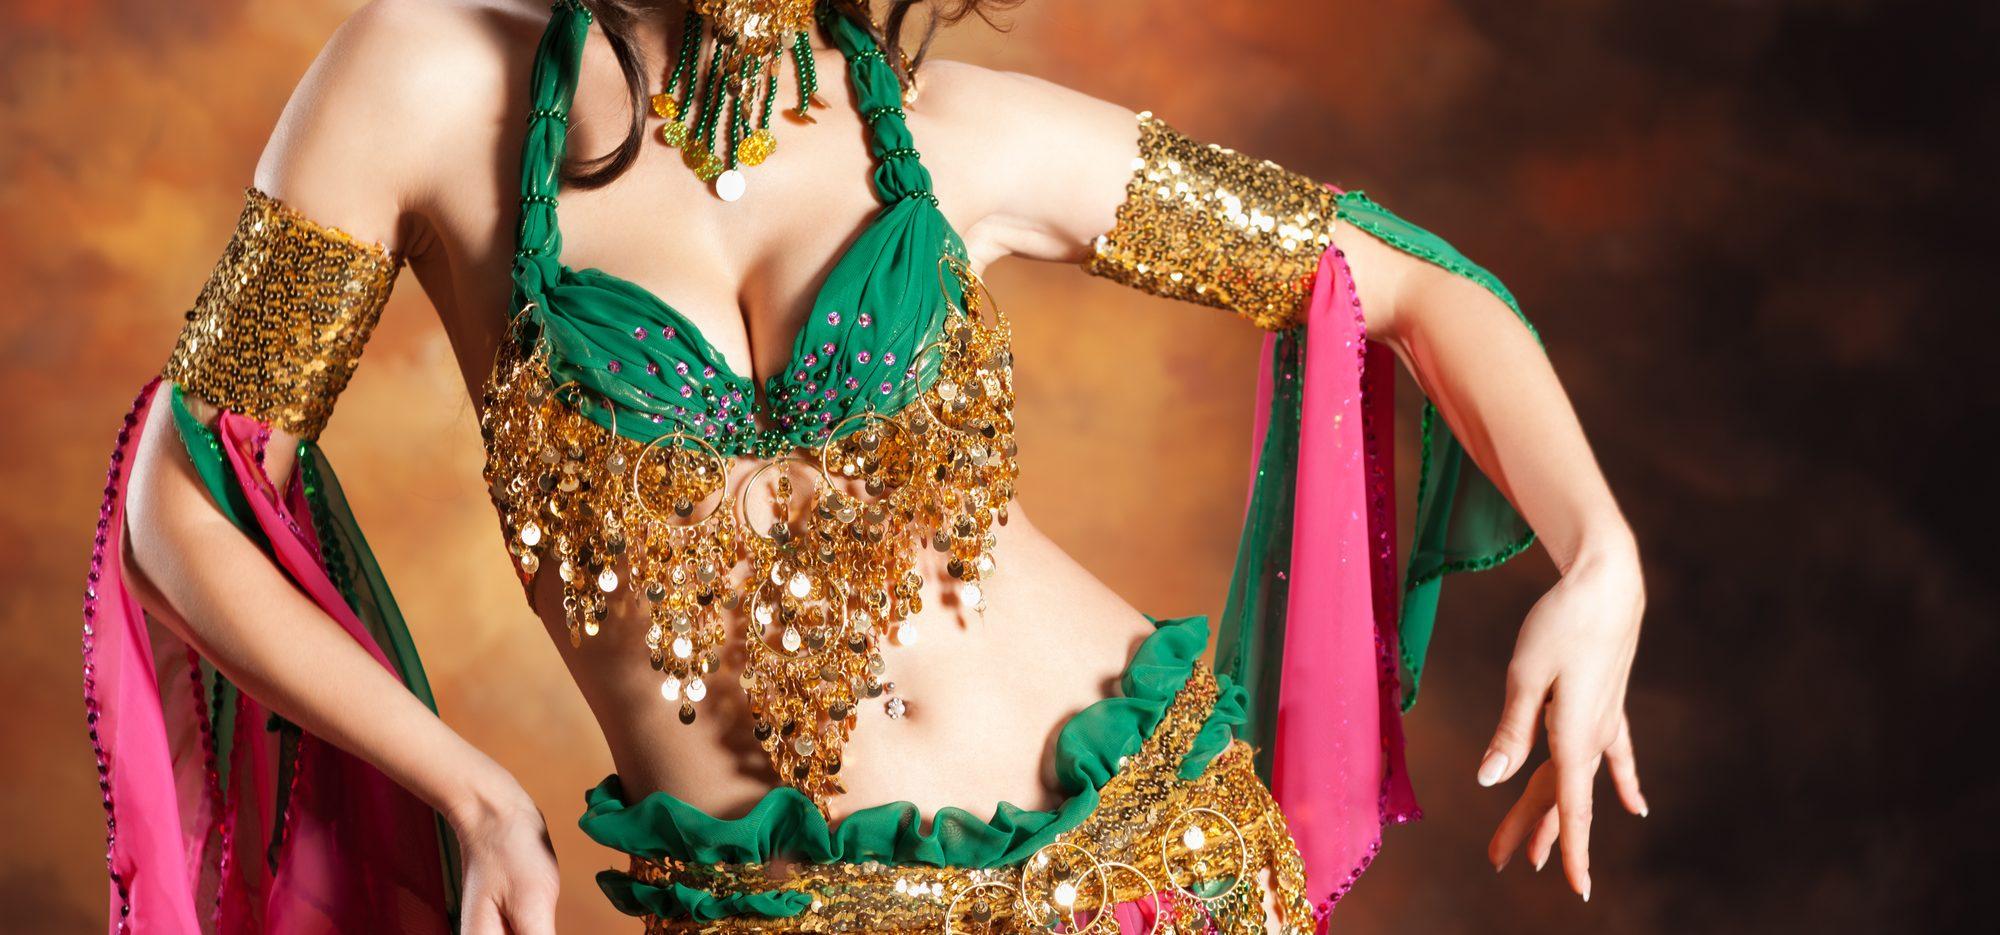 le lezioni private di danza del ventre a Milano della Phoenix Studio Dance a.s.d.